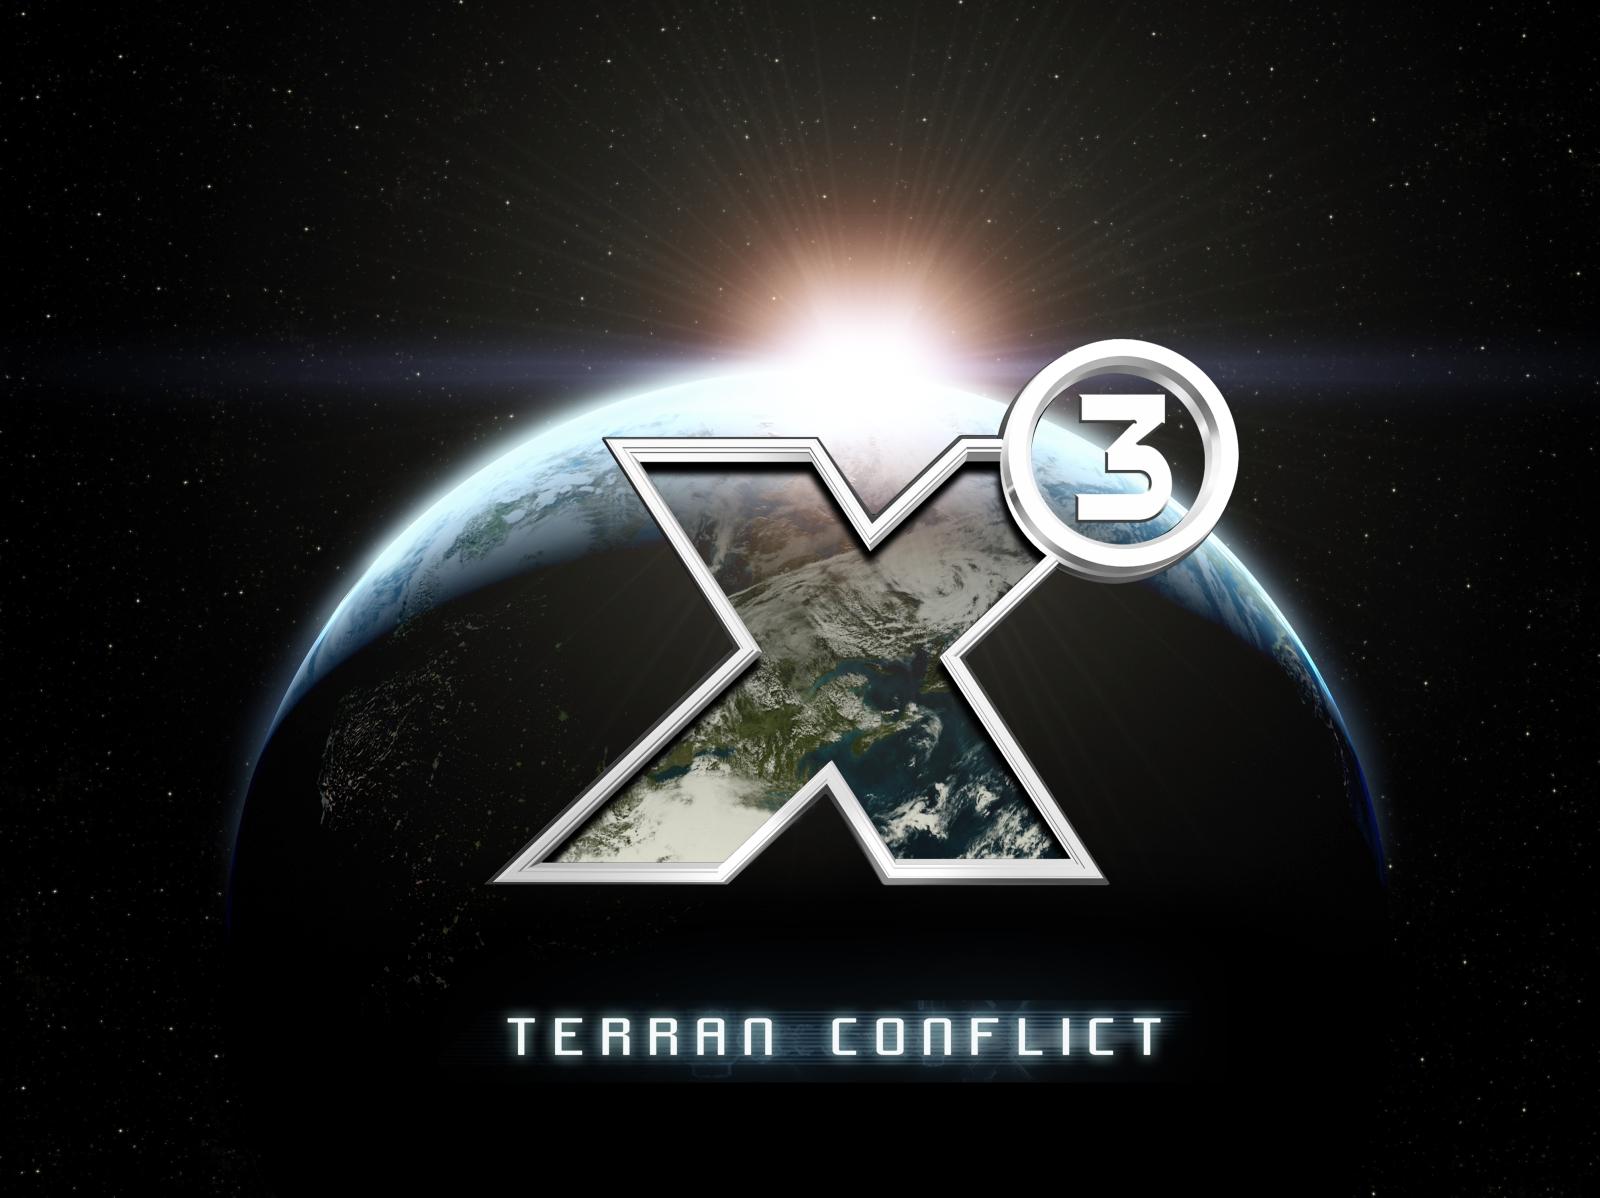 X3 terran conflict транспортер предохранители на транспортер т5 где находятся